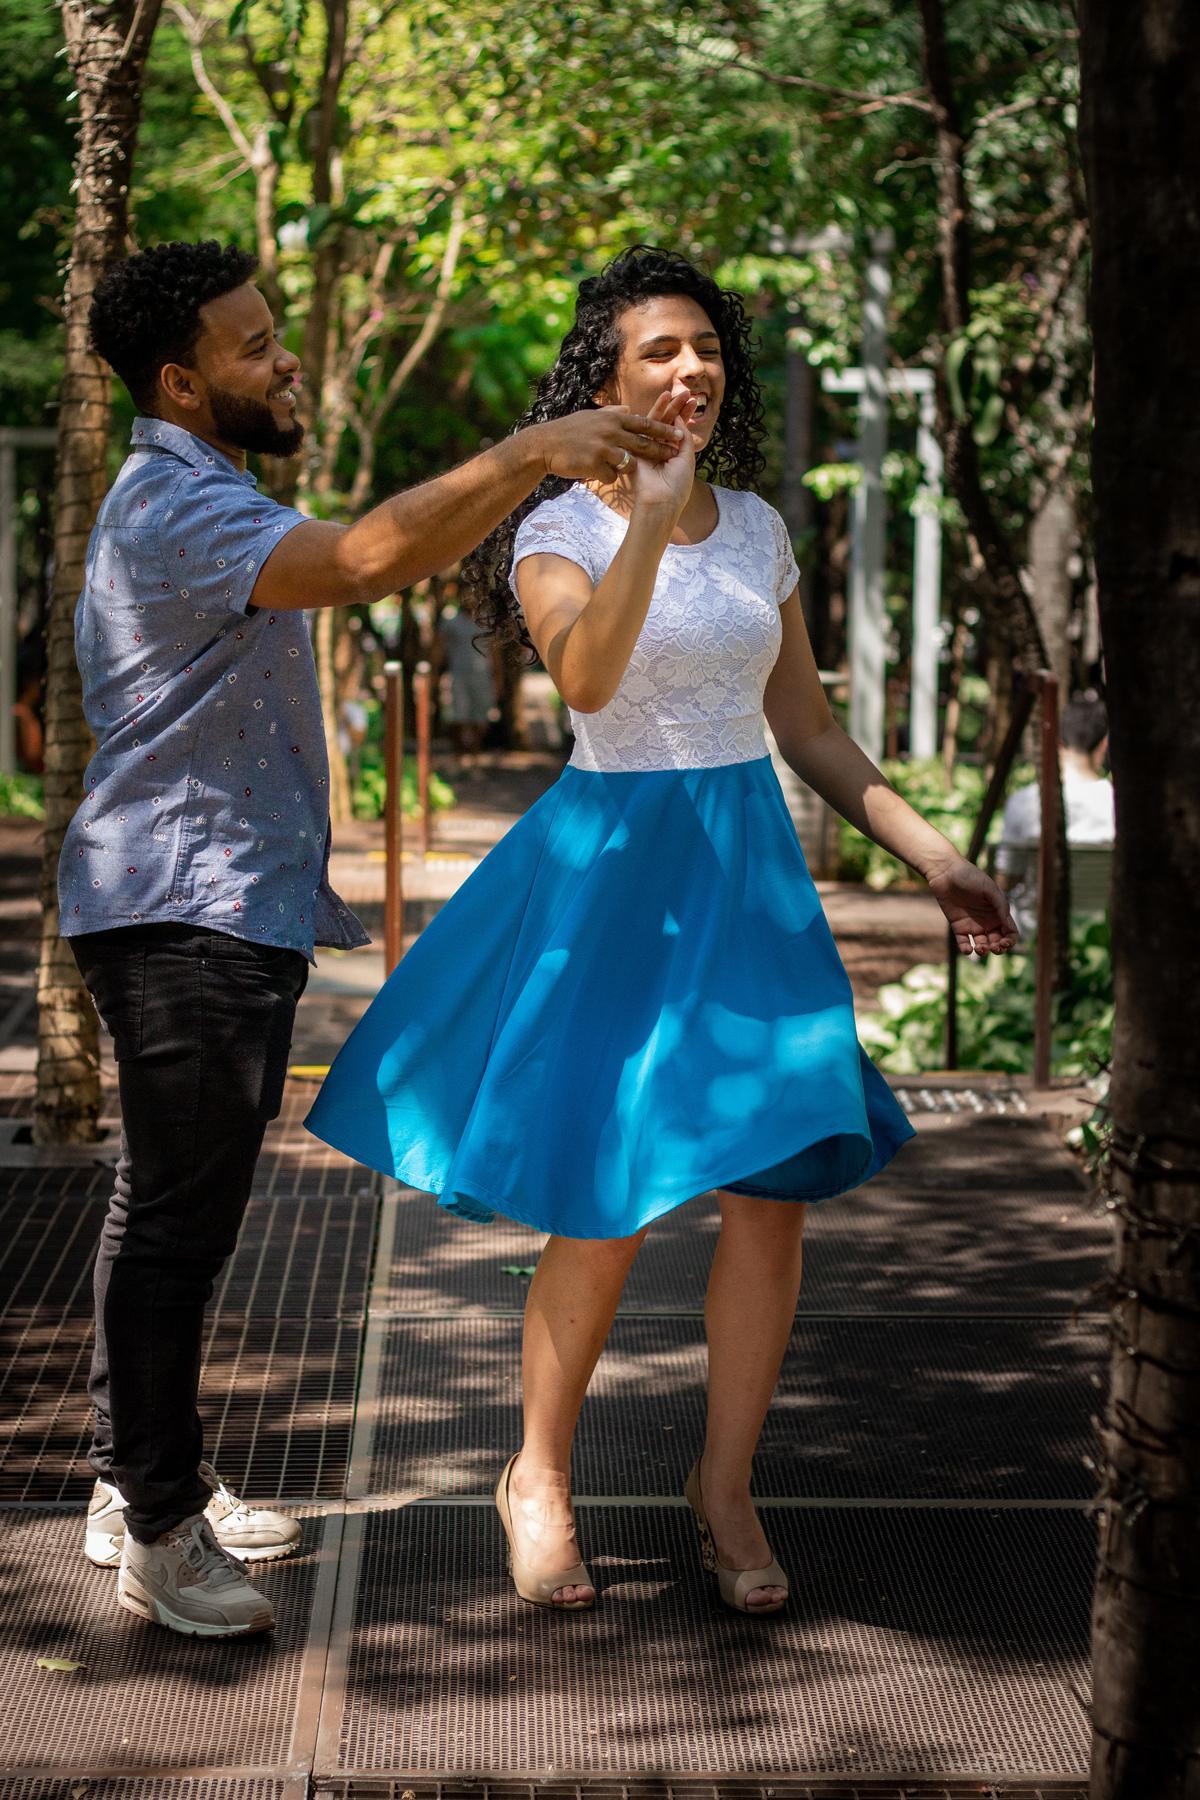 Ensaio de casal aniversário de namoro na Av. Paulista